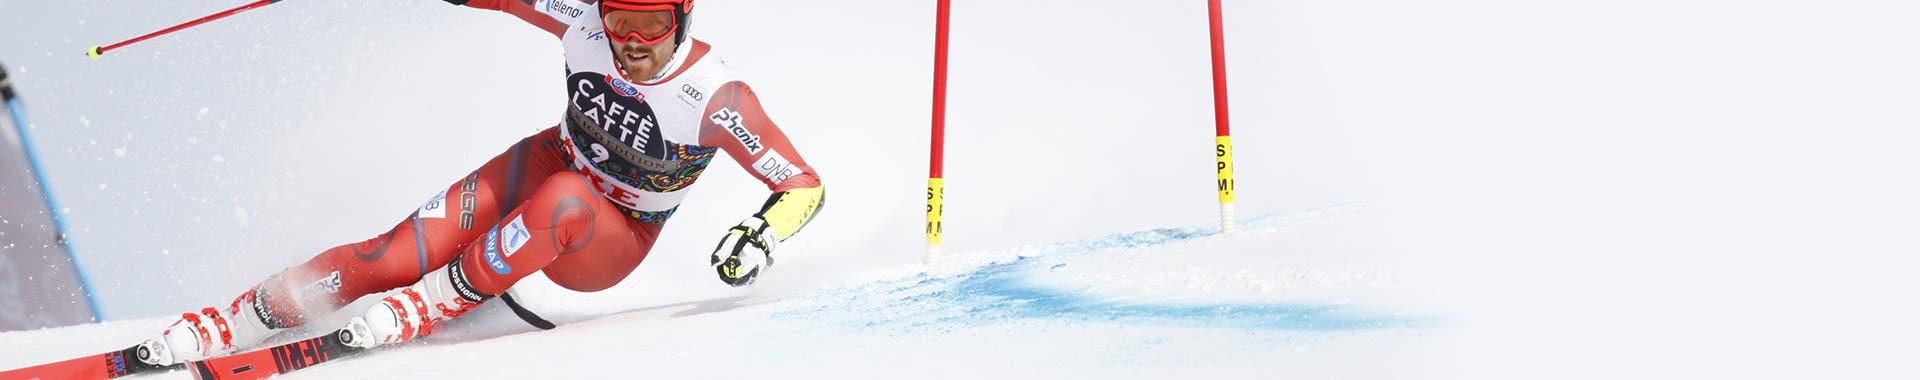 Skis racing